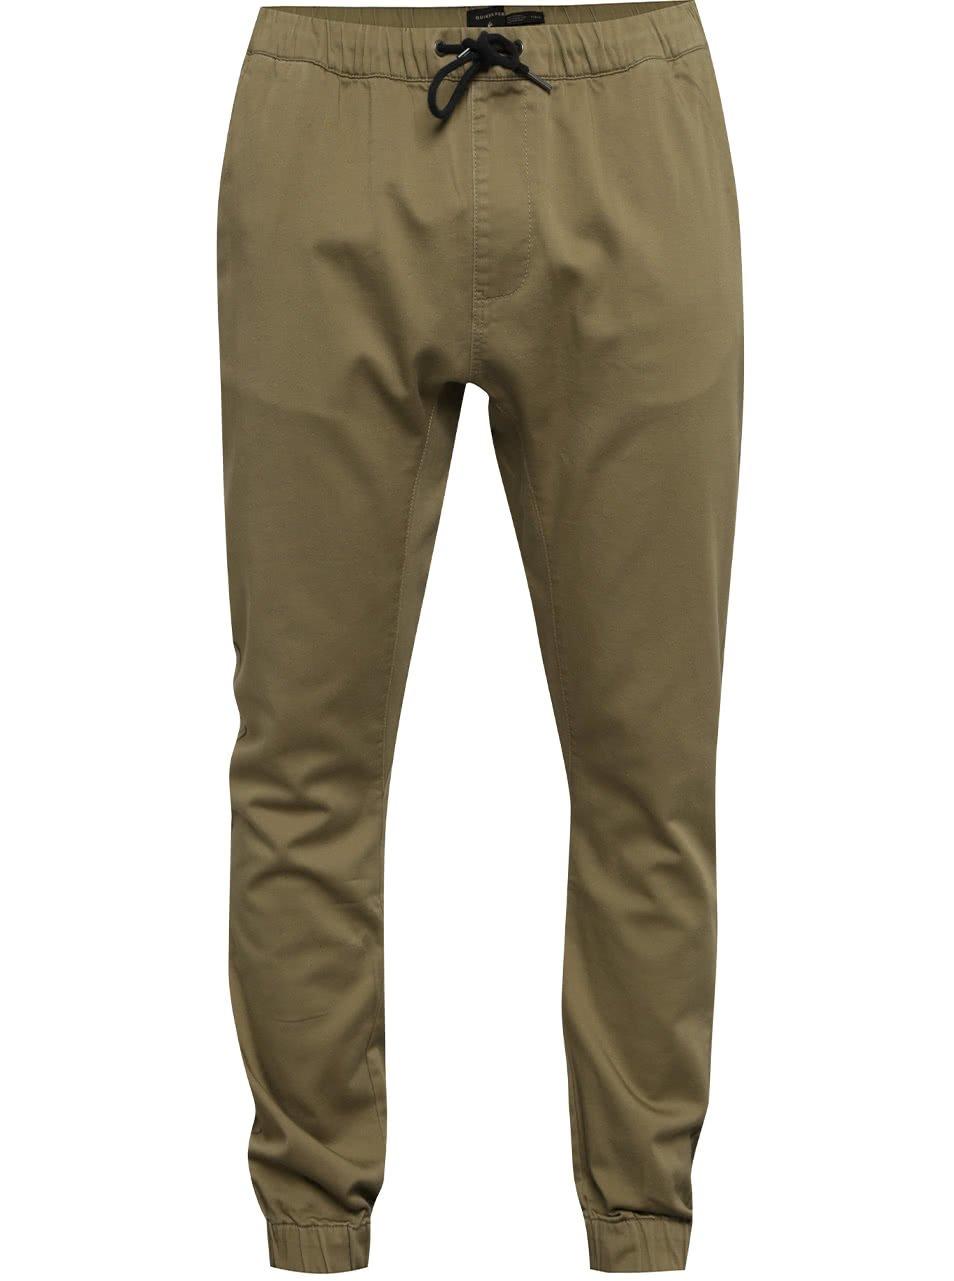 Béžové pánské kalhoty s gumou v pase Quiksilver